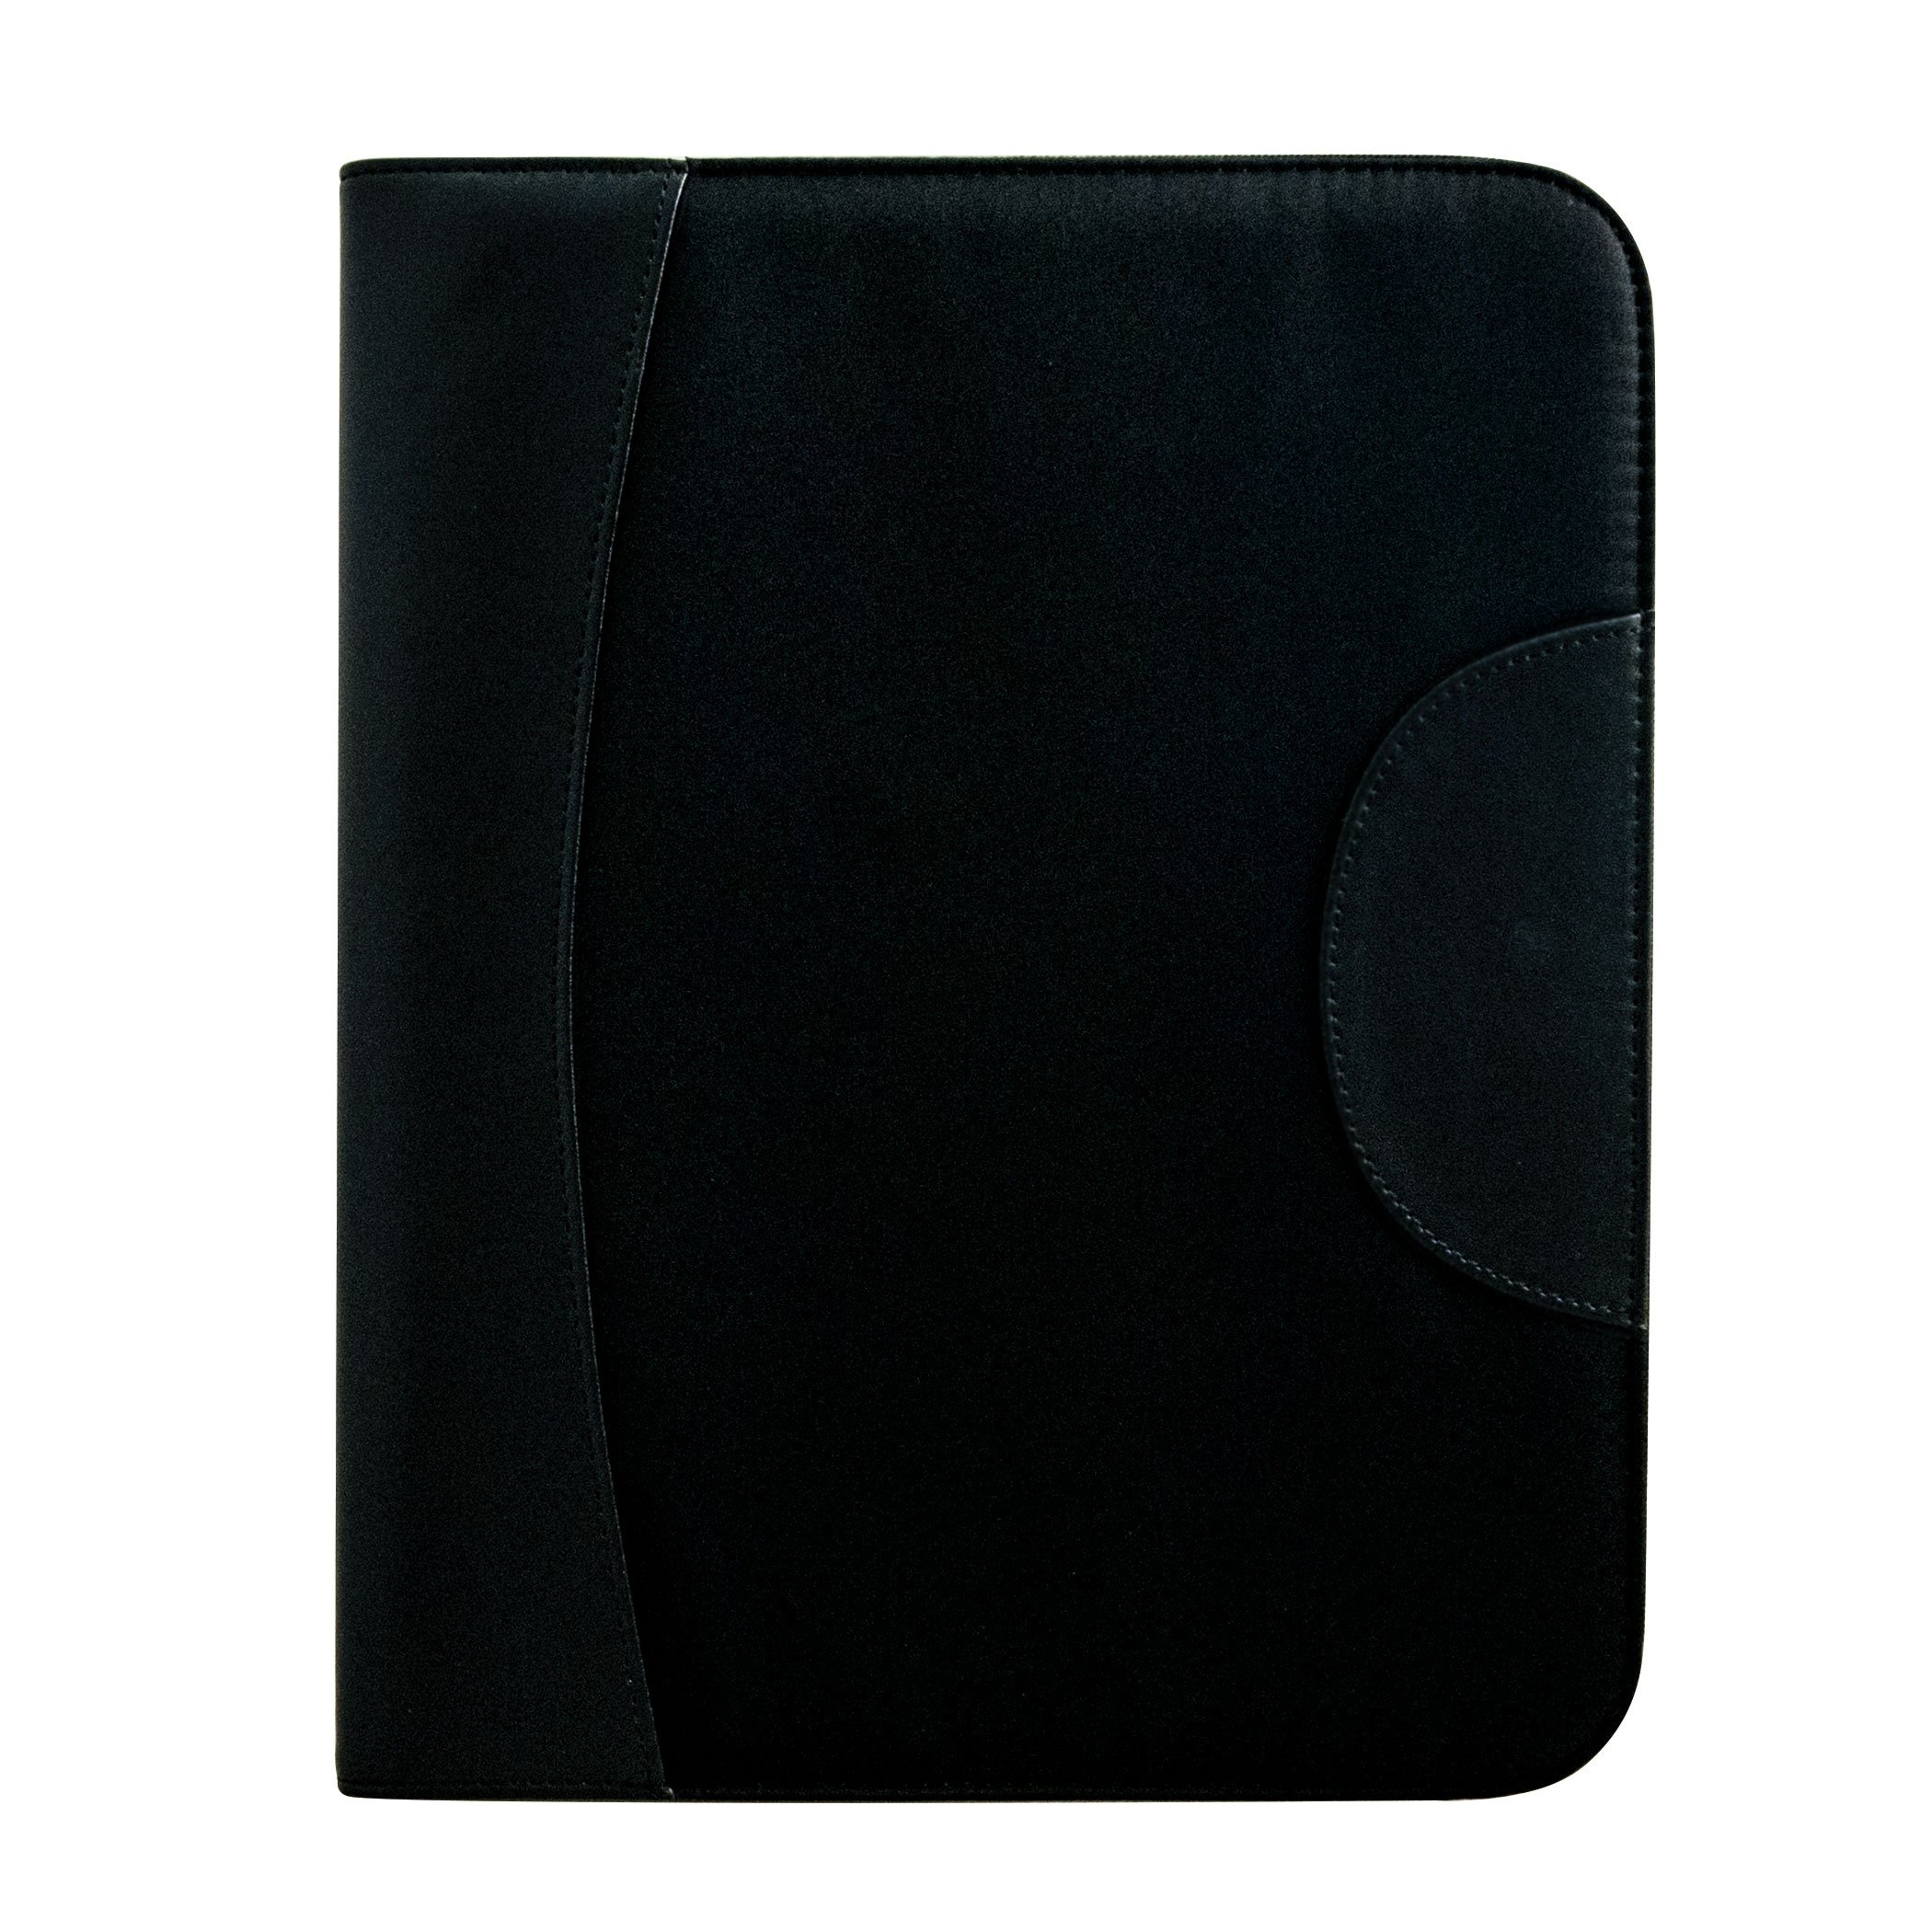 MONTEVERDE Monteverde 36 PC Zipper Pen Case; Black (1407)